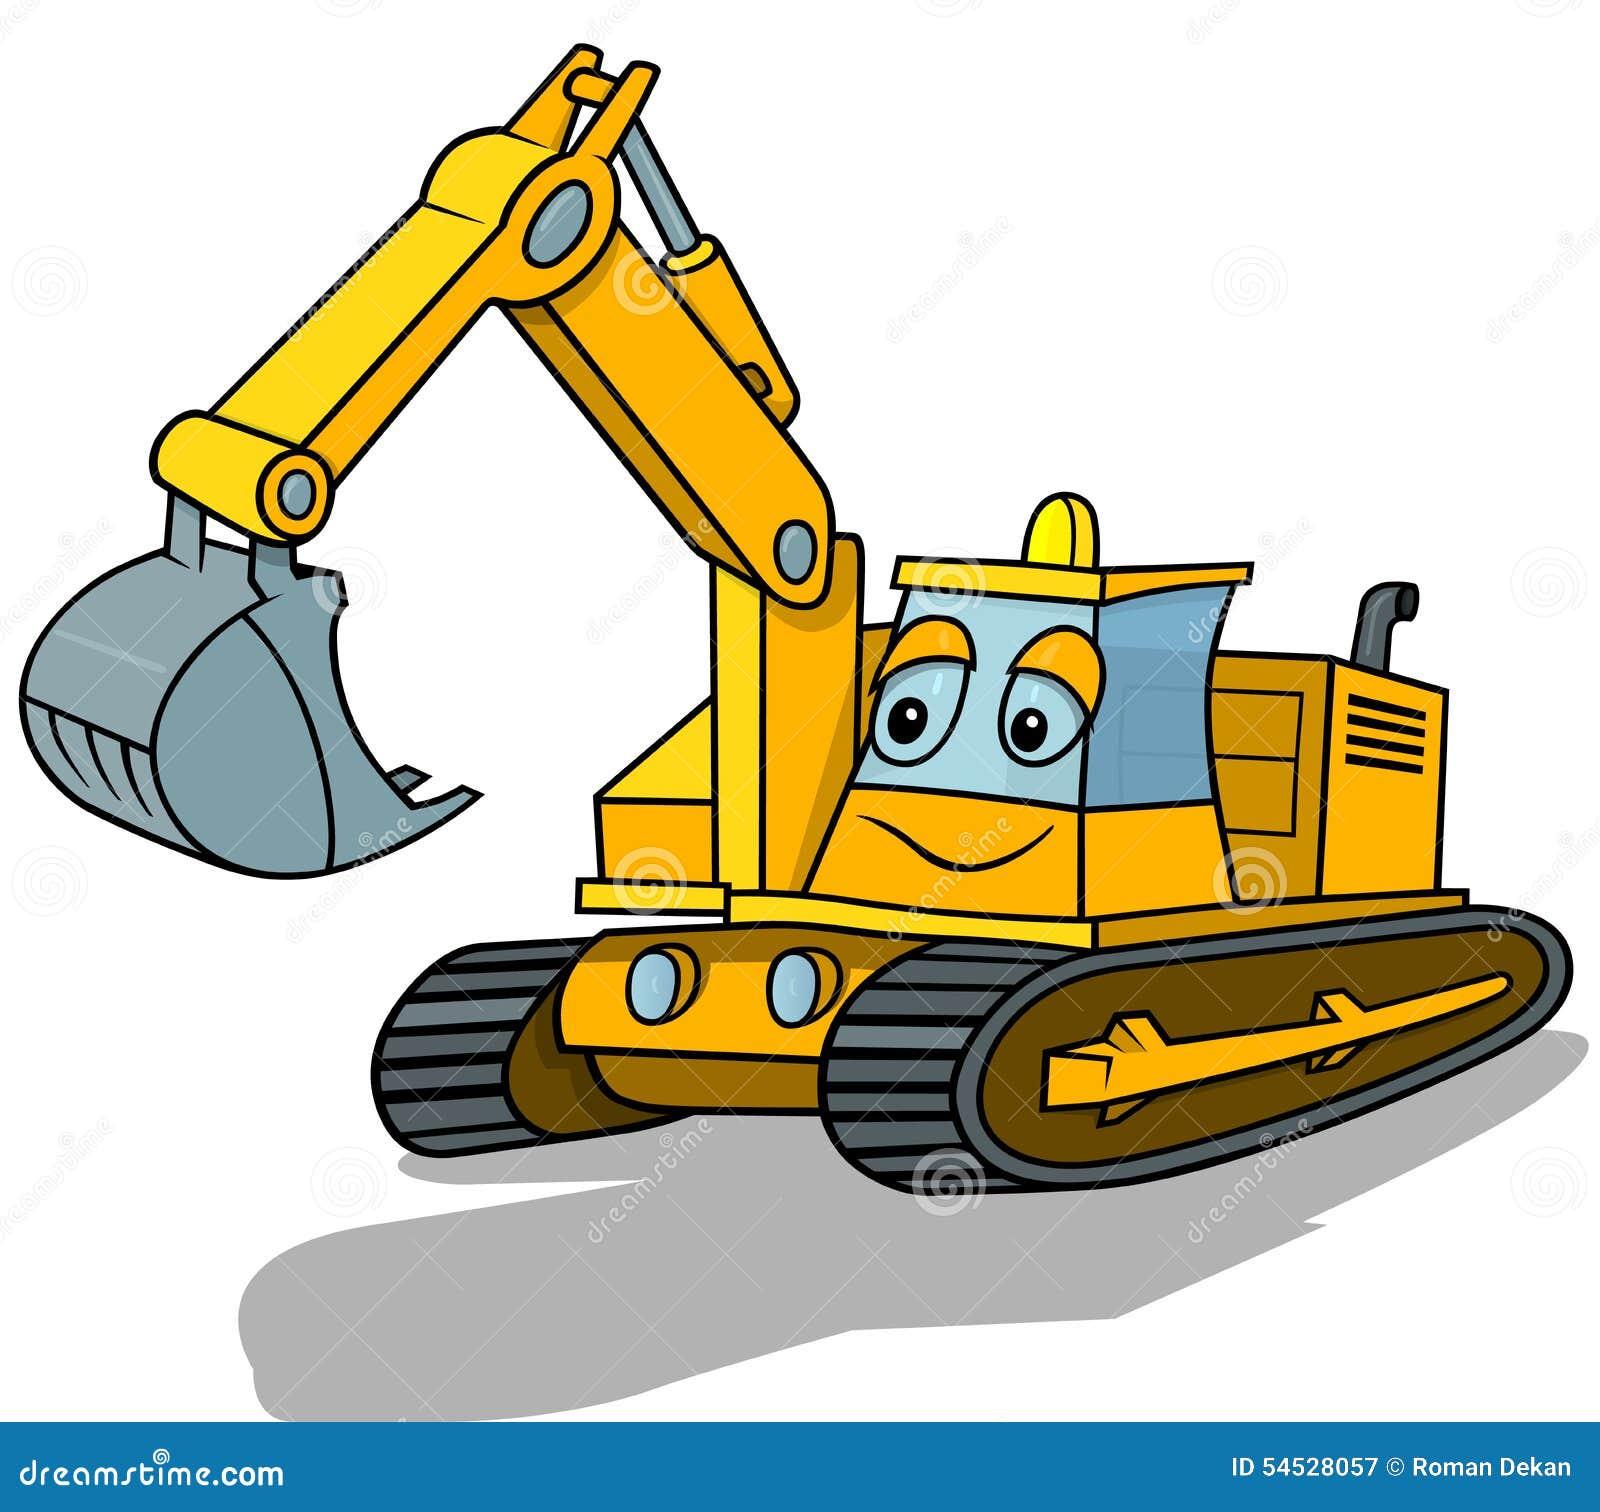 Smiling Excavator